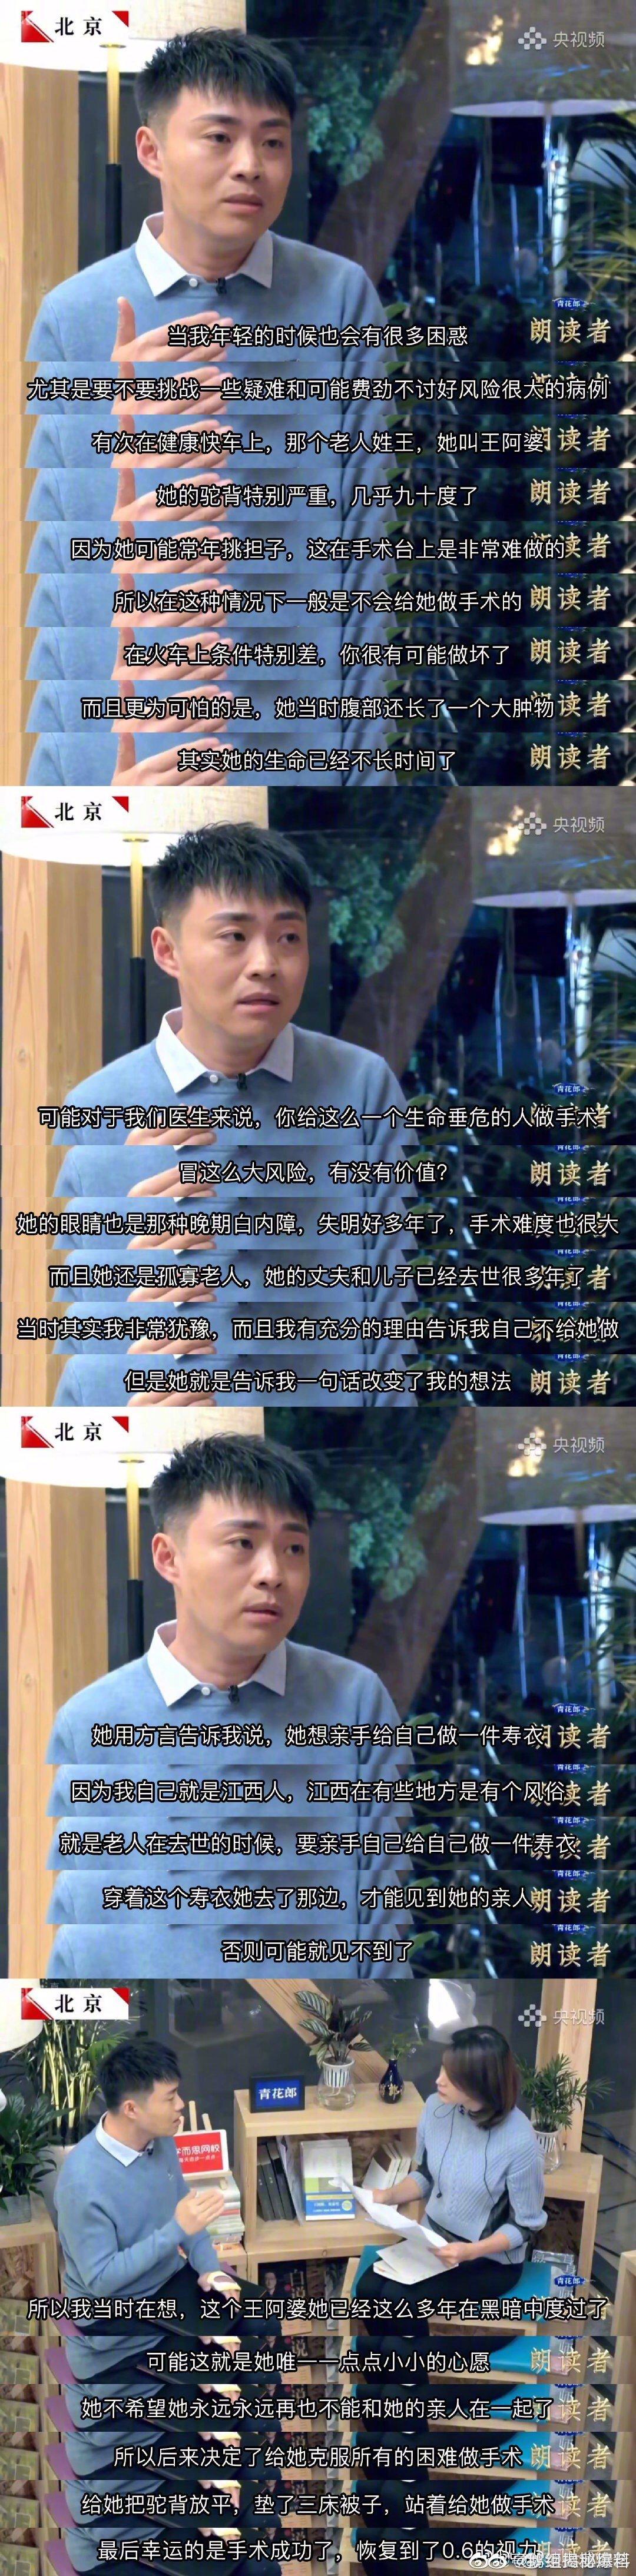 在《中国喜事》这部纪录片里,有讲述到陶勇医生王阿婆手术的故事